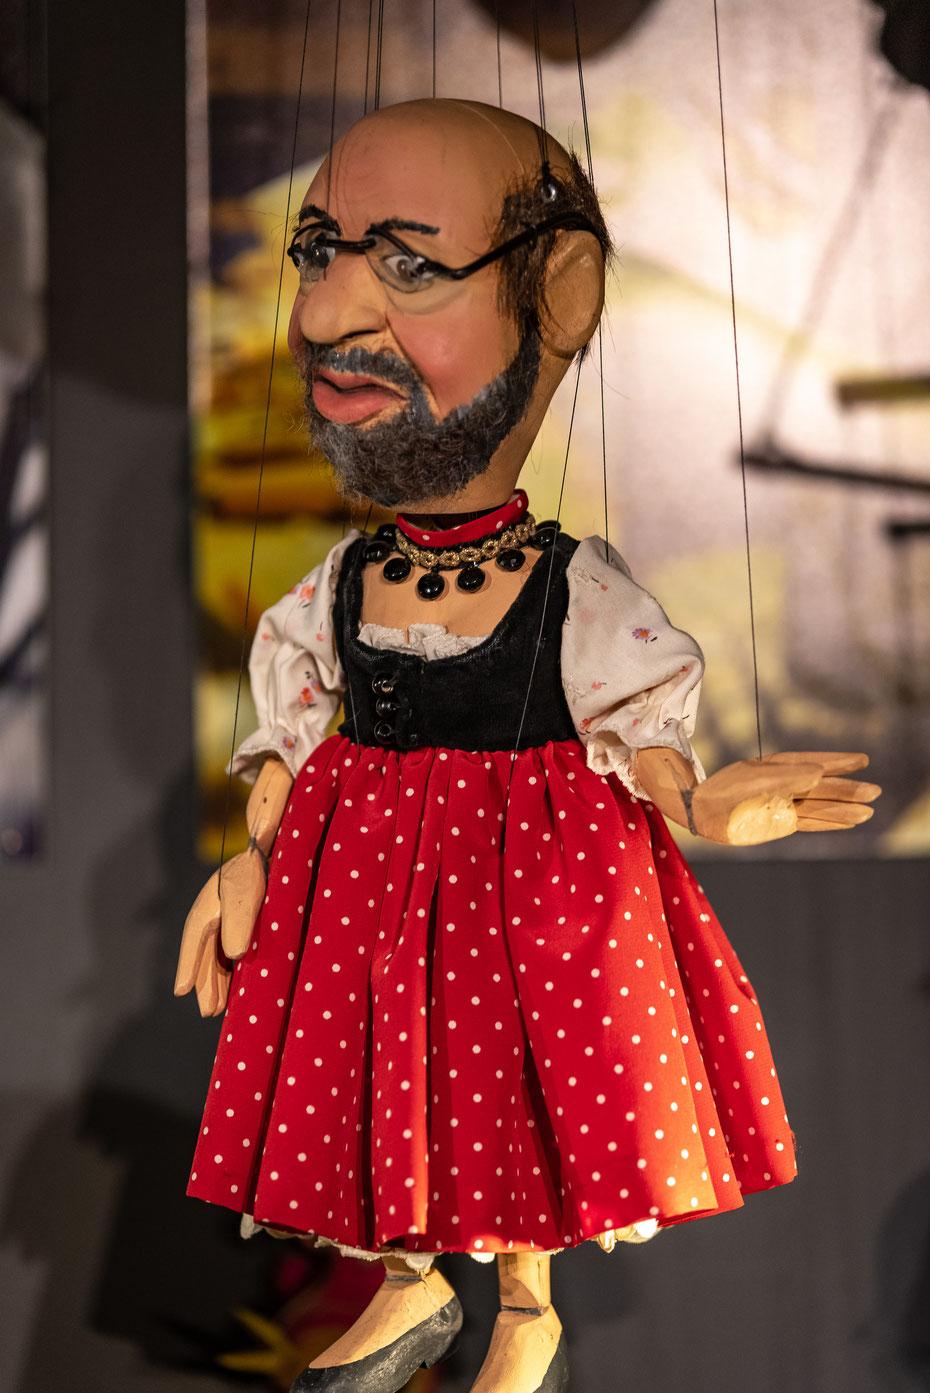 Auch Prominente (vor allem Politiker) schaffen es in die Puppenkiste. Neben den Aufführungen für Kinder finden regelmäßig auch Kabarett-Abende und Theaterstücke für Erwachsene in der Kiste statt.